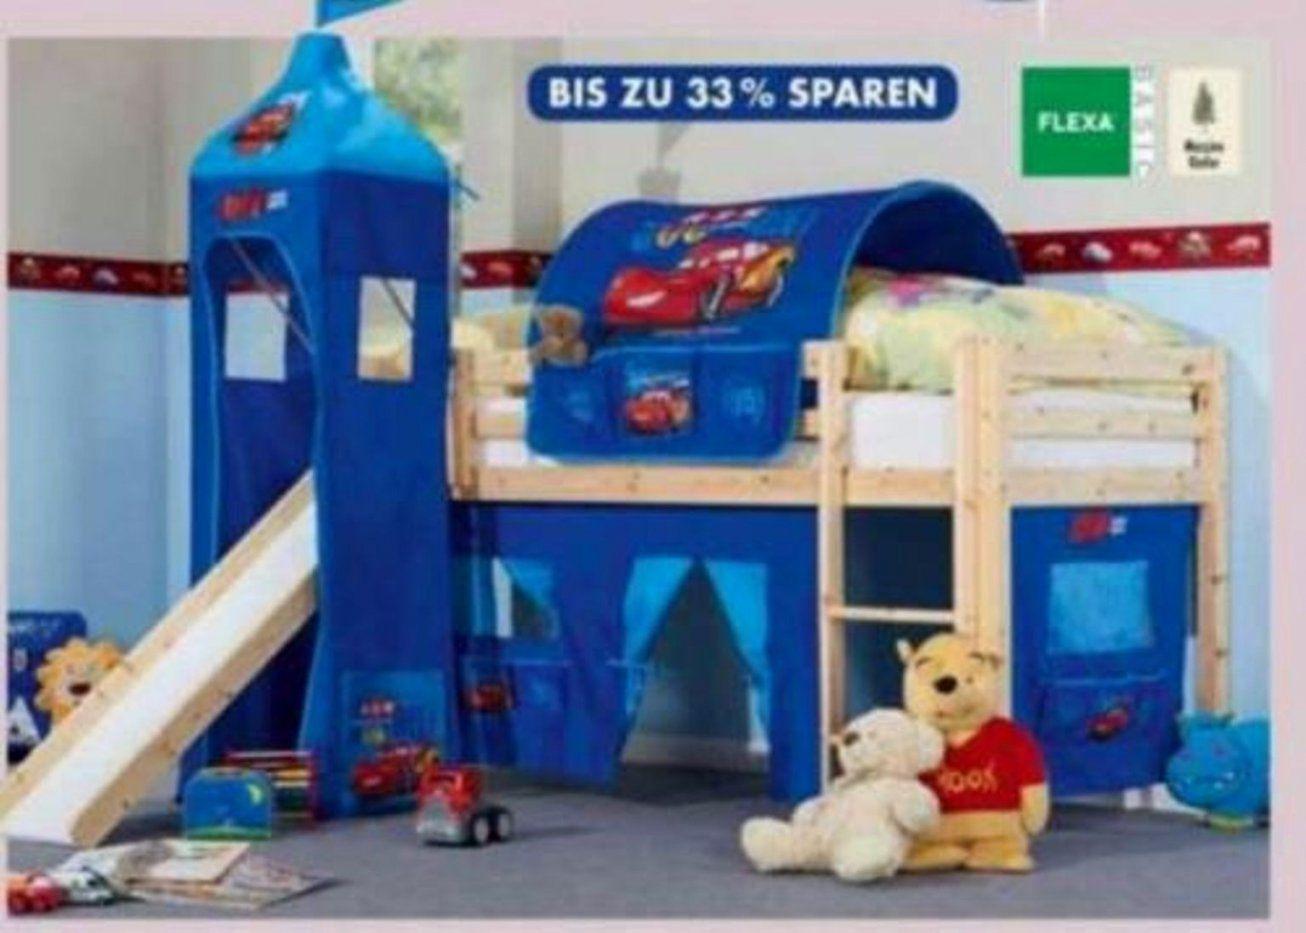 Etagenbett Dänisches Bettenlager : Vorhang cars für bett corinna frieda oder verena von hochbett